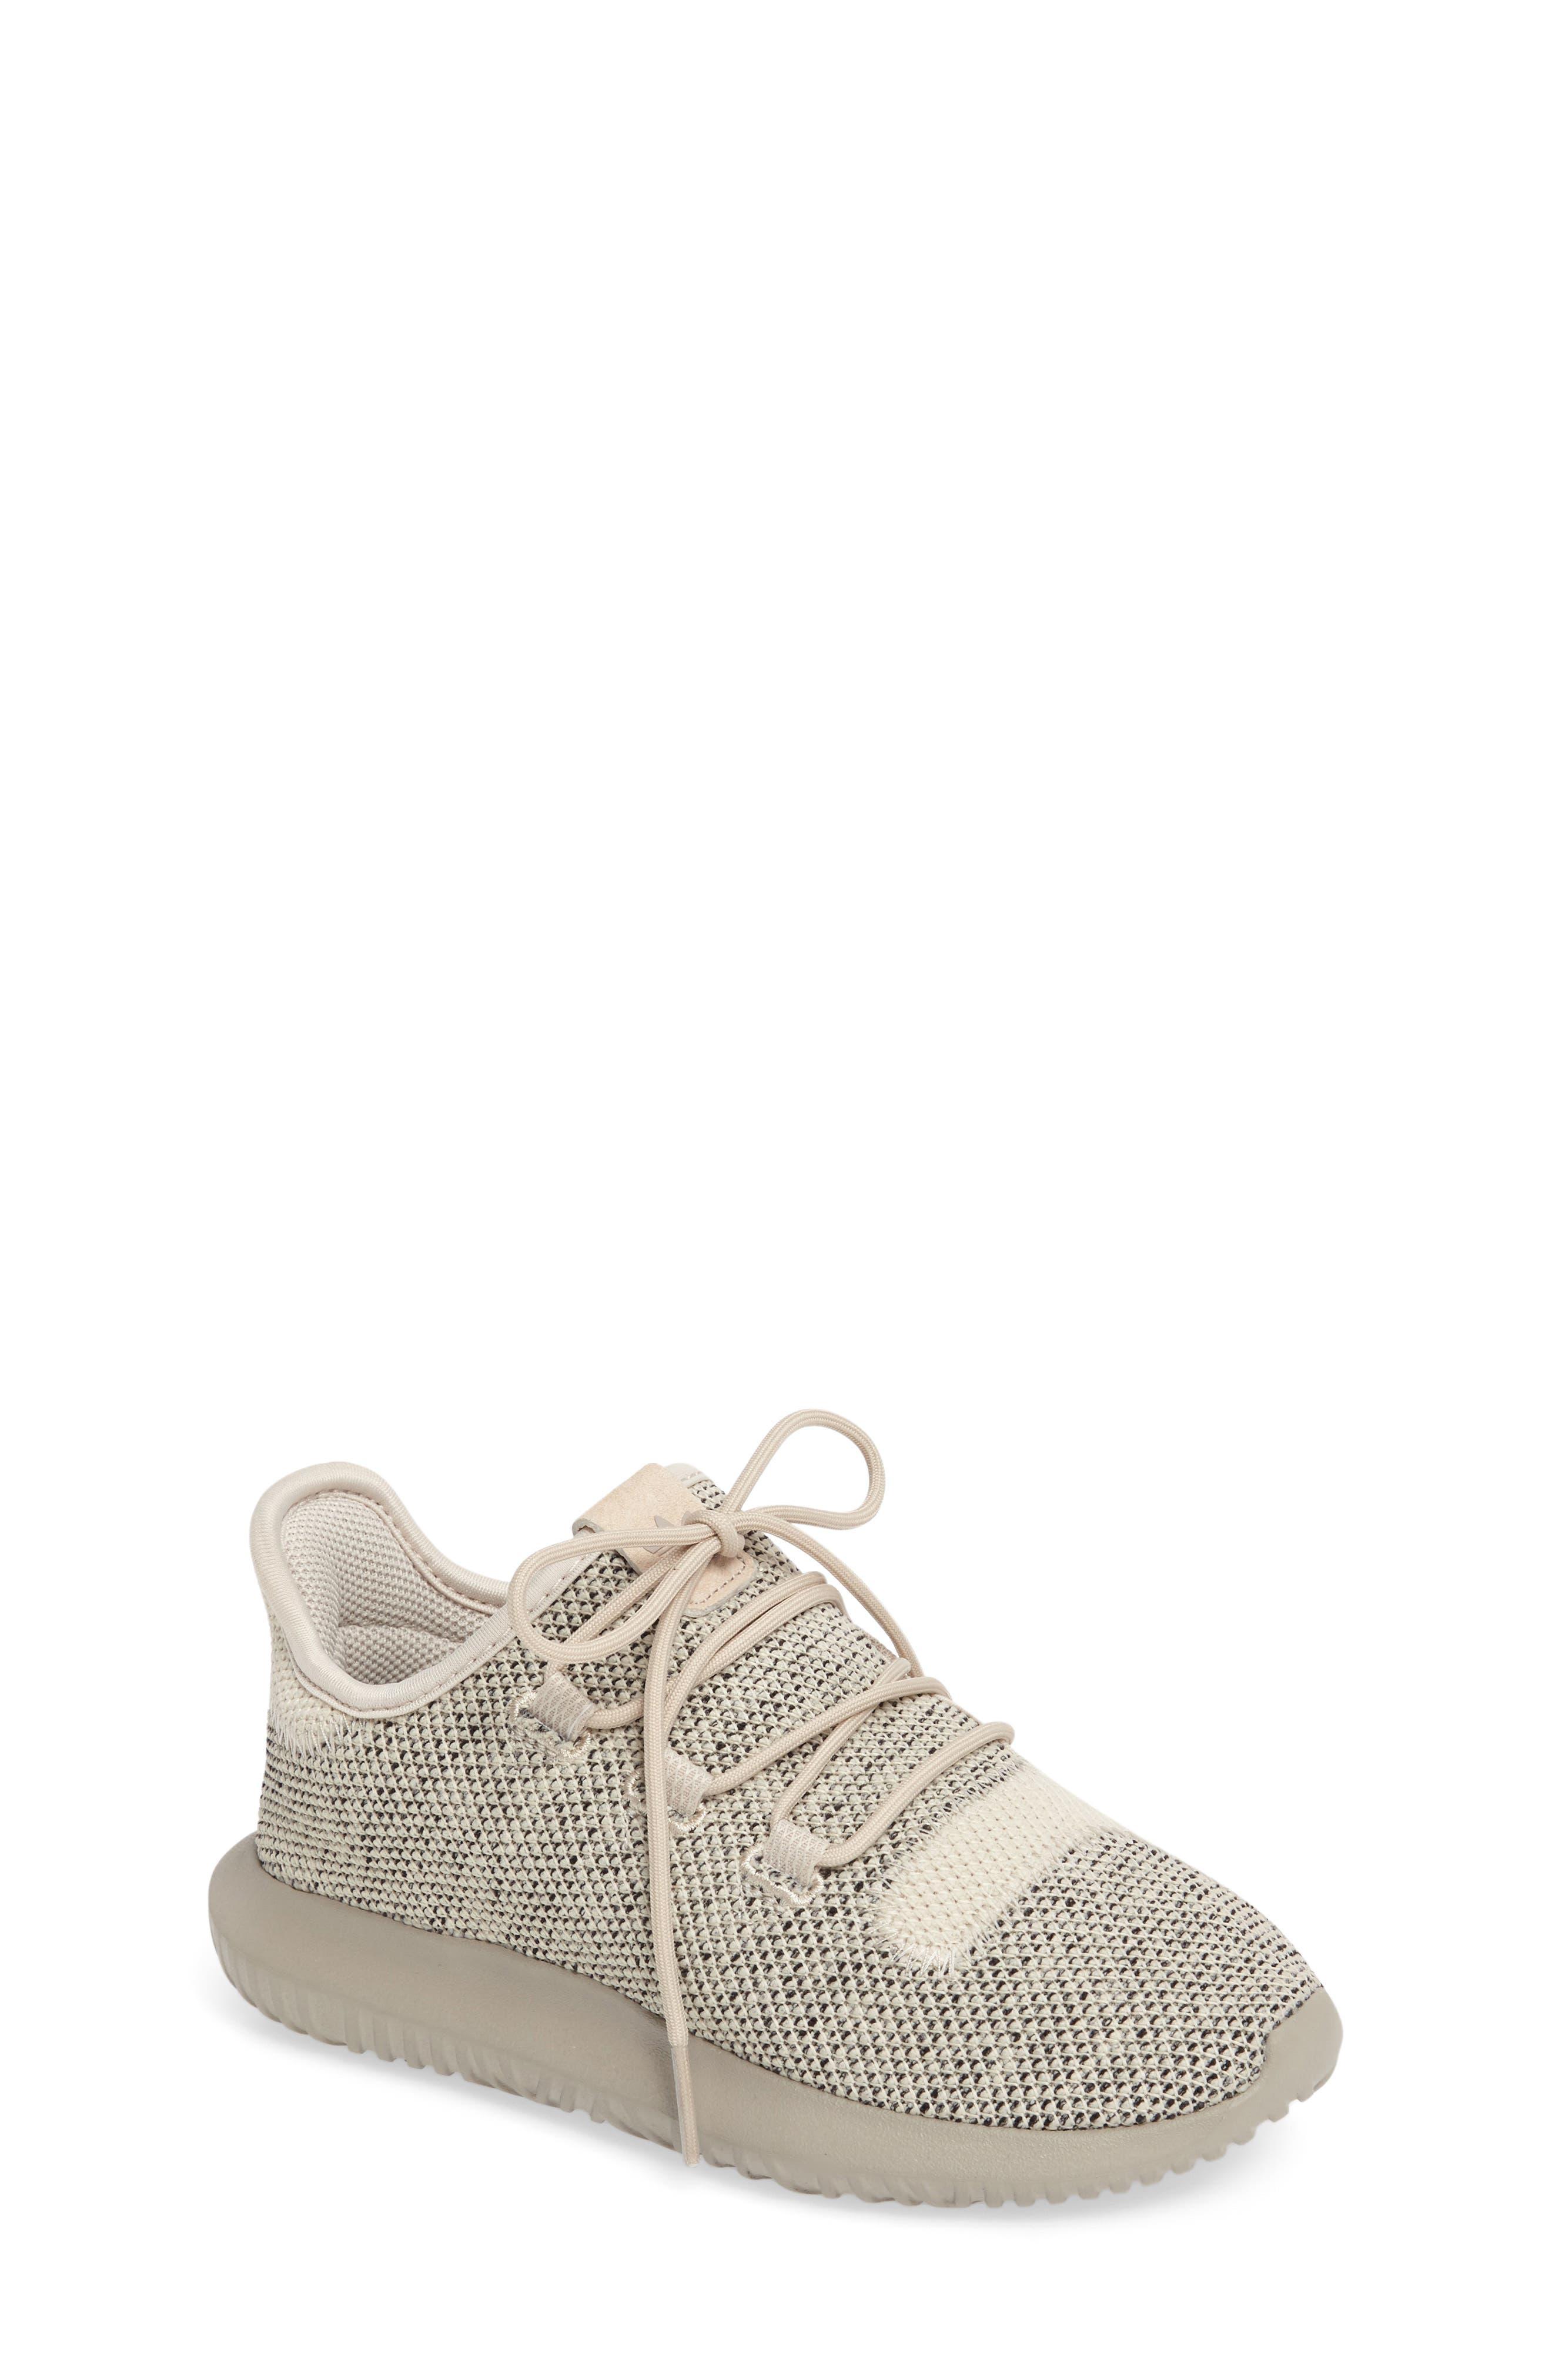 adidas Tubular Shadow Sneaker (Toddler